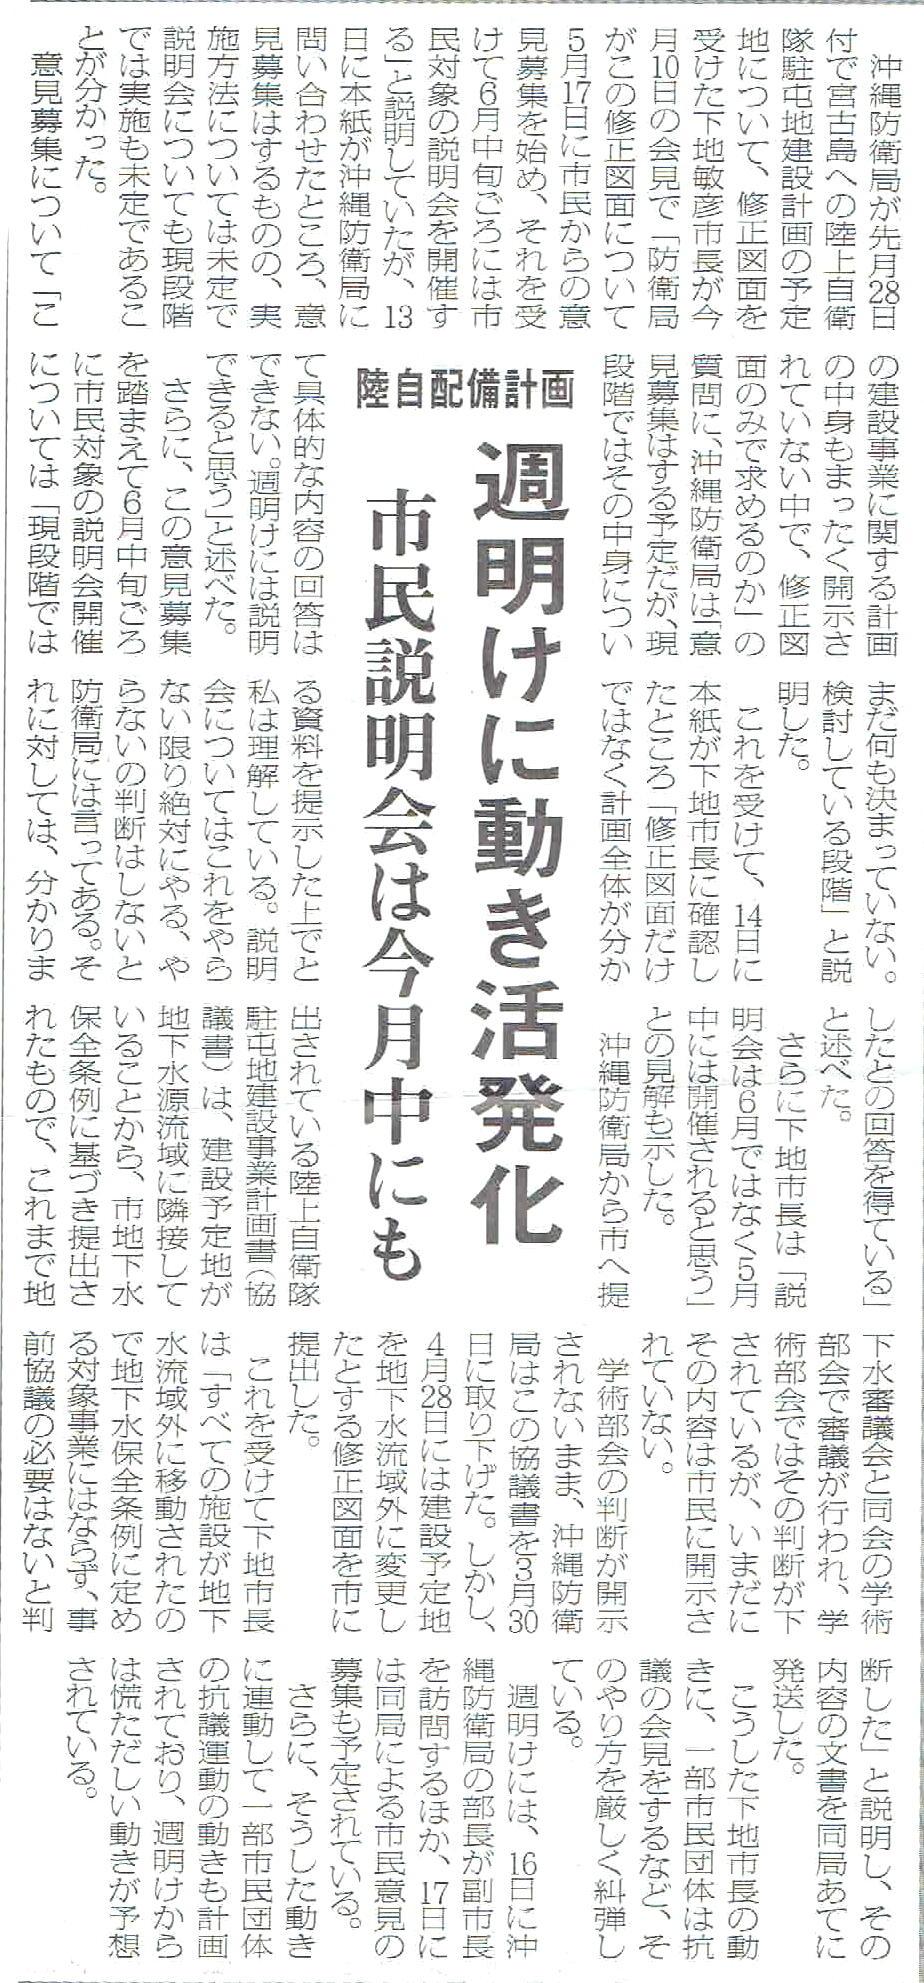 miyakomainichi2016 0515